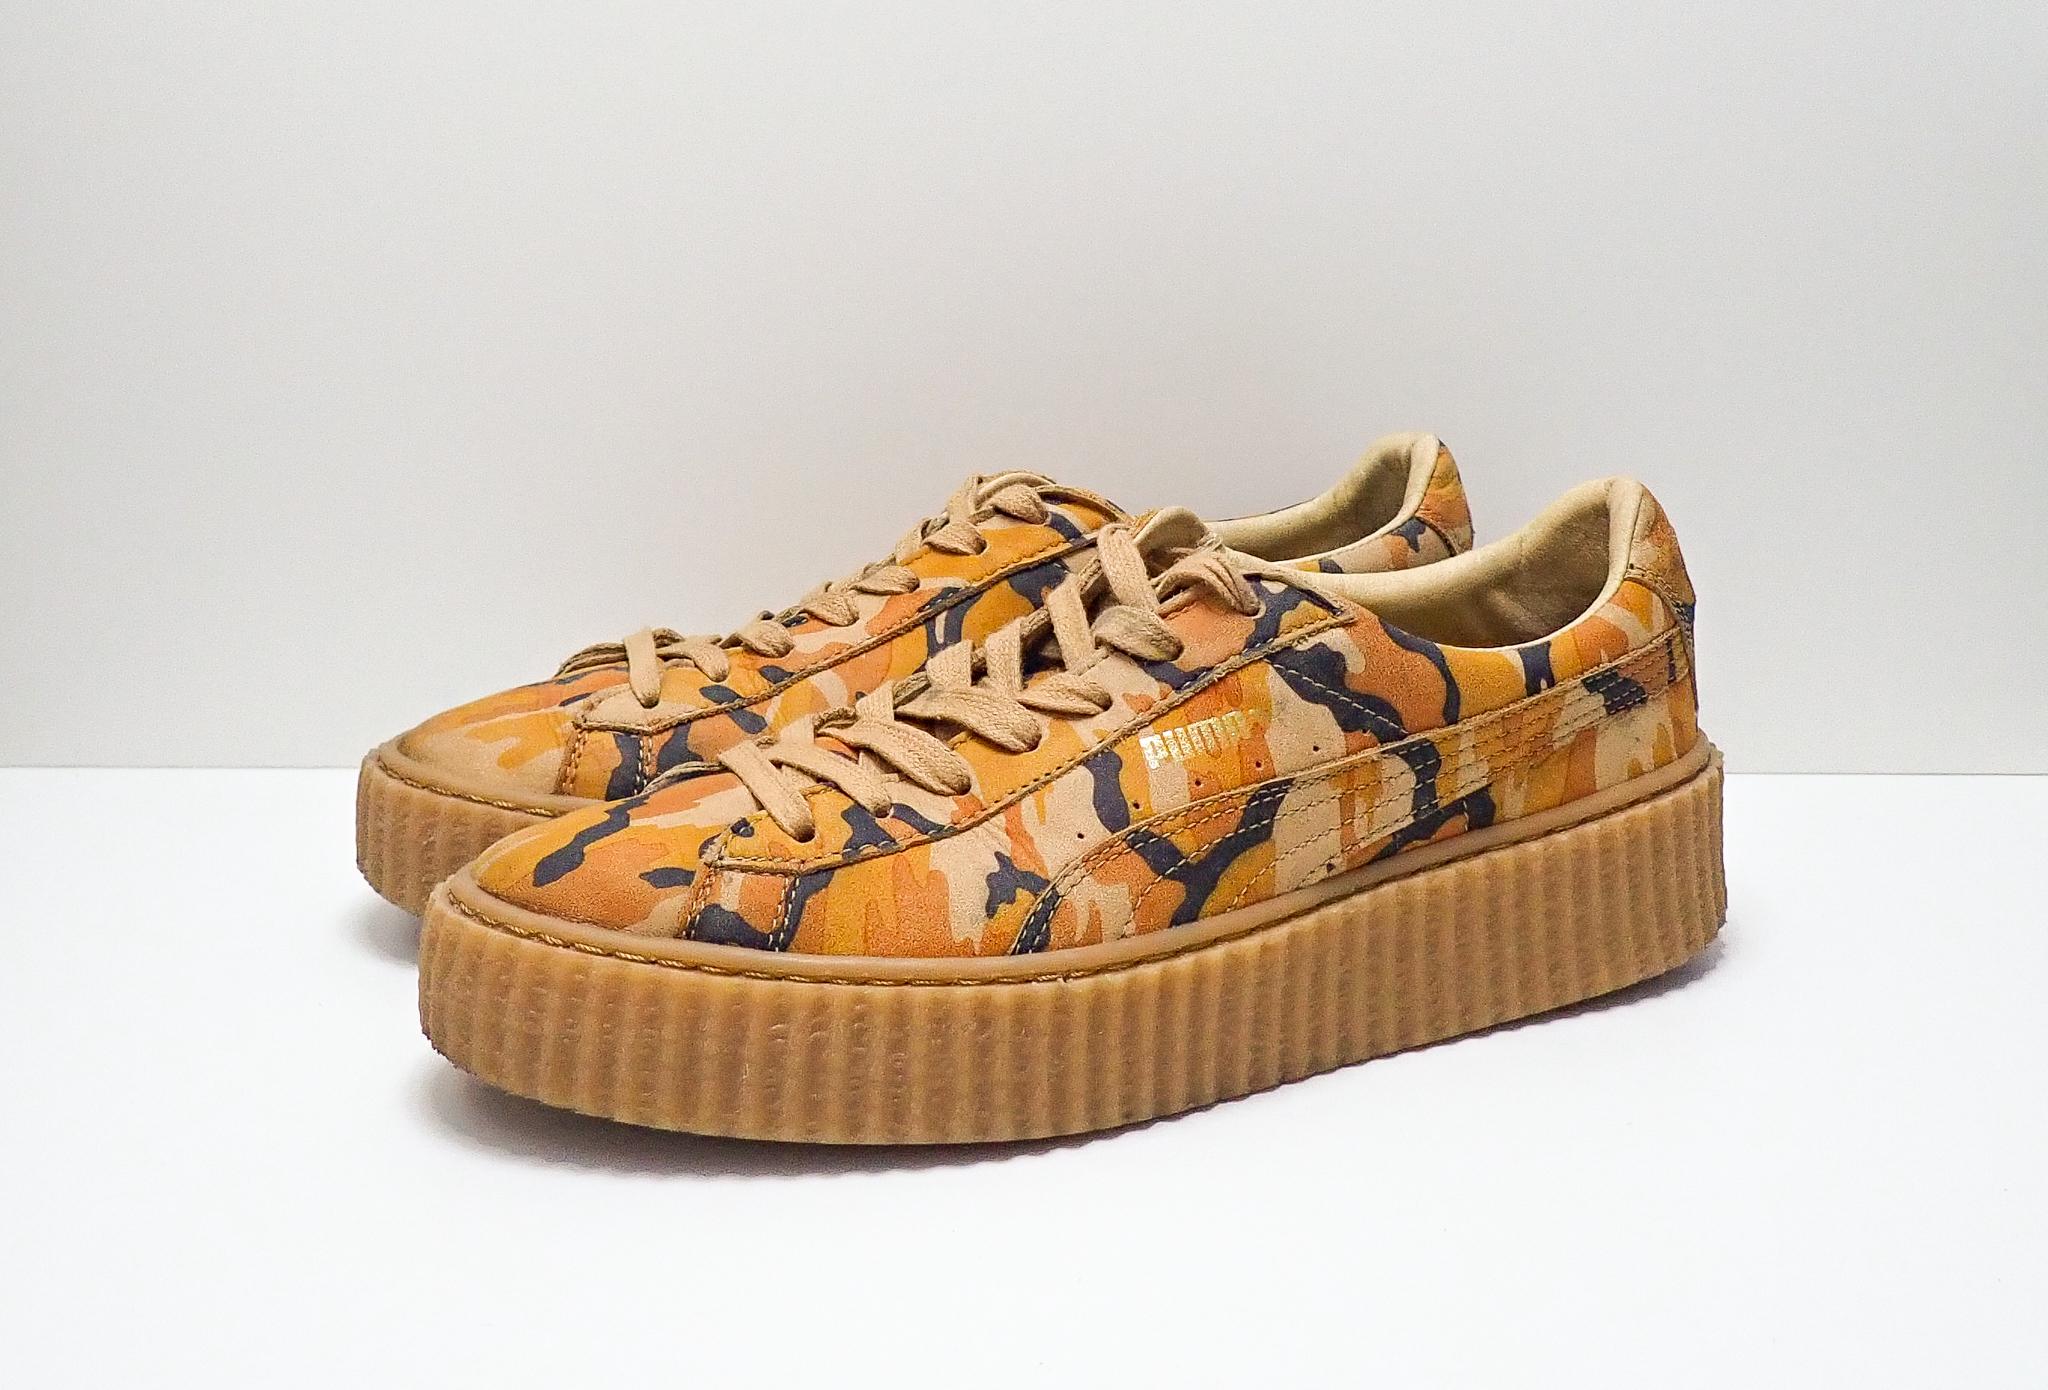 Puma Creepers Rihanna Fenty Camo